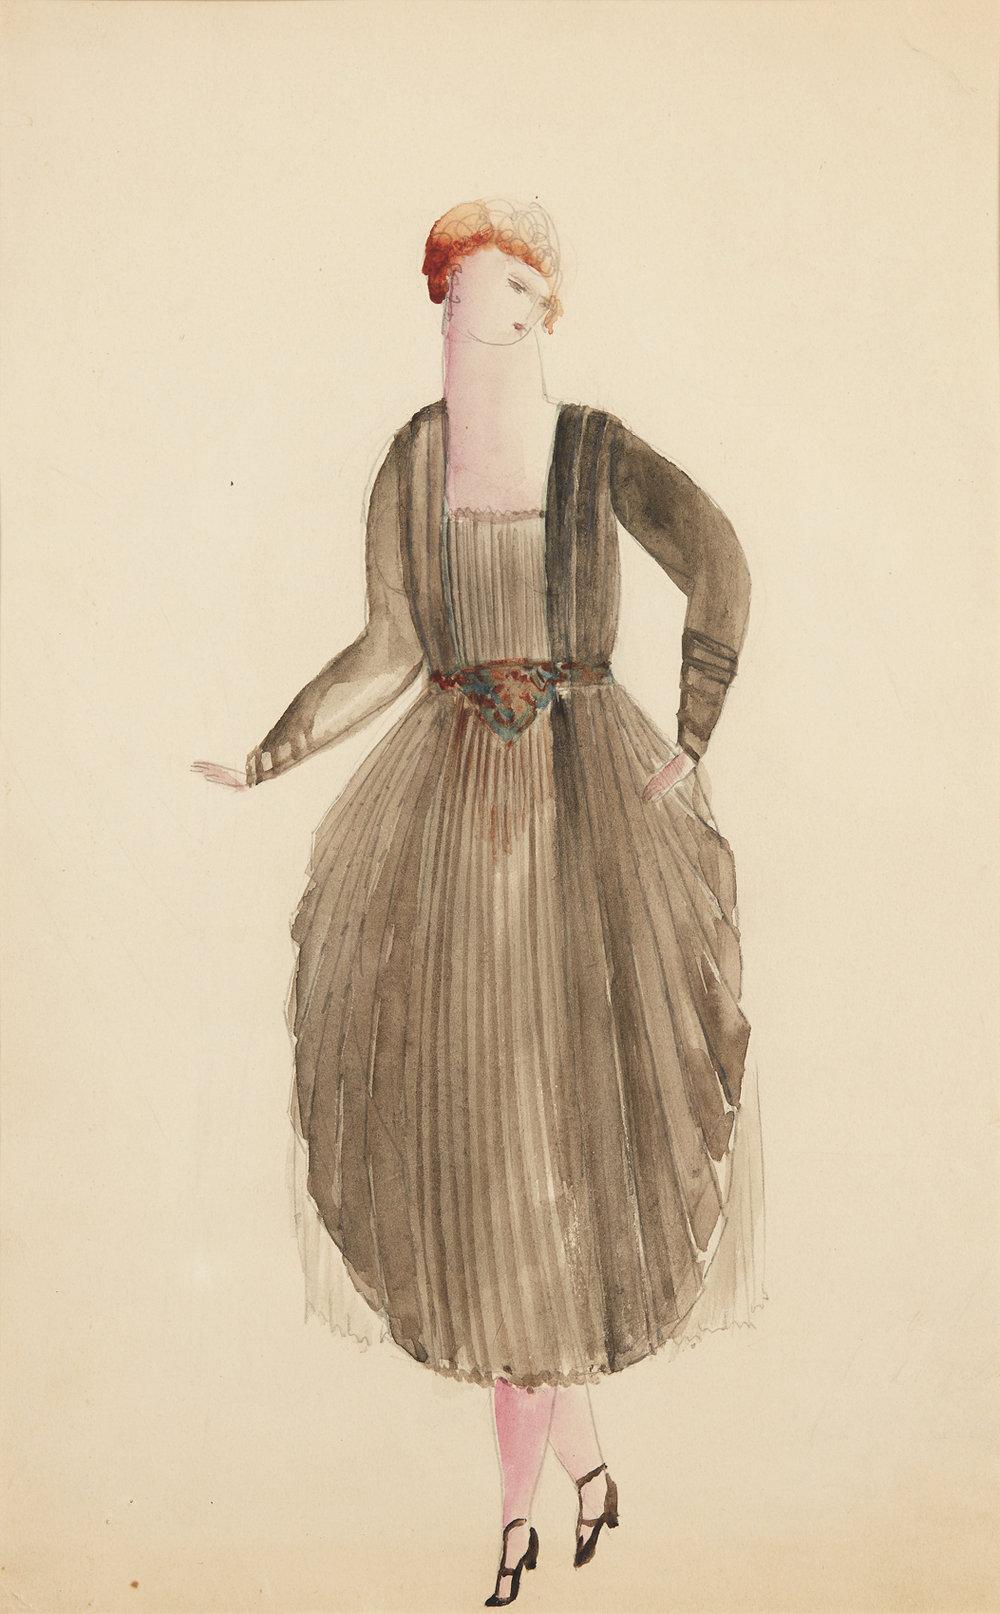 Siri Derkert   Svart plisserad klänning med snäckformad kjol  1917-21 Watercolor 32 x 22cm